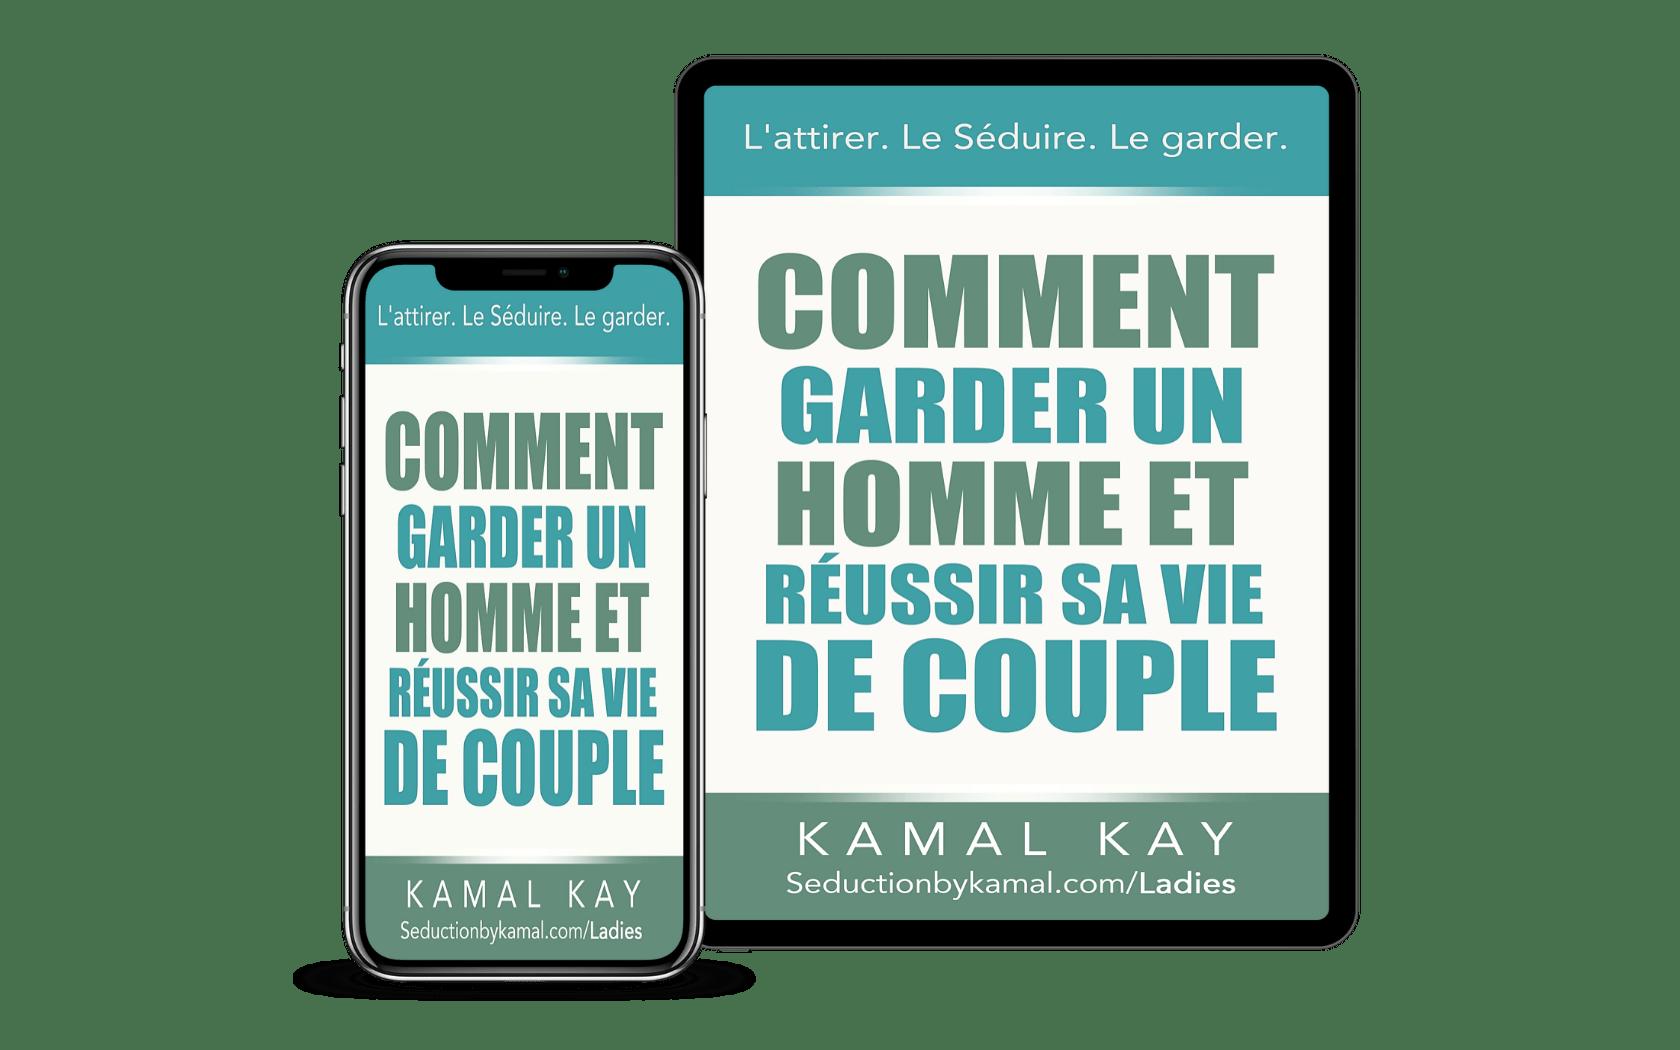 Comment Garden Composite